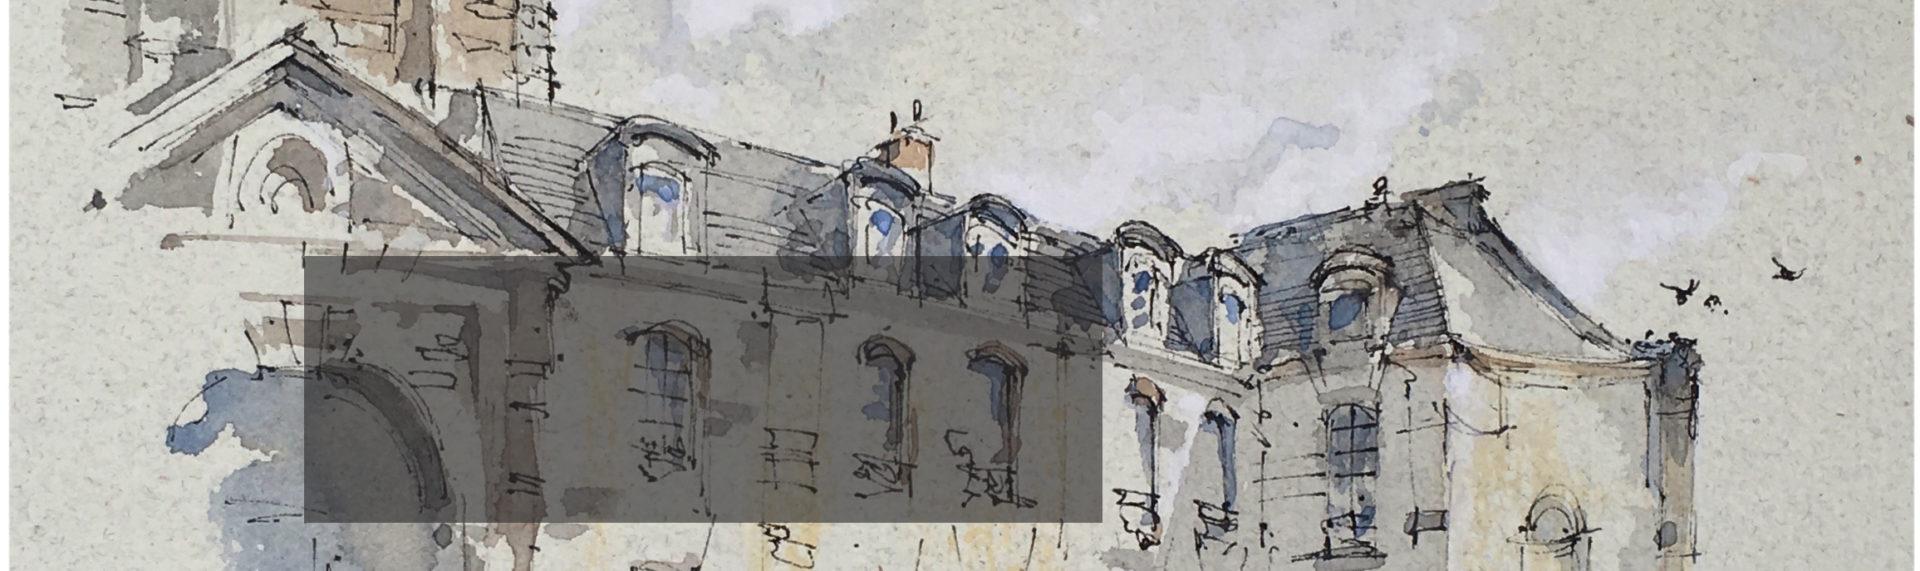 Alex Hillkurtz 6 Week Live Watercolor Class from Paris (Winter)